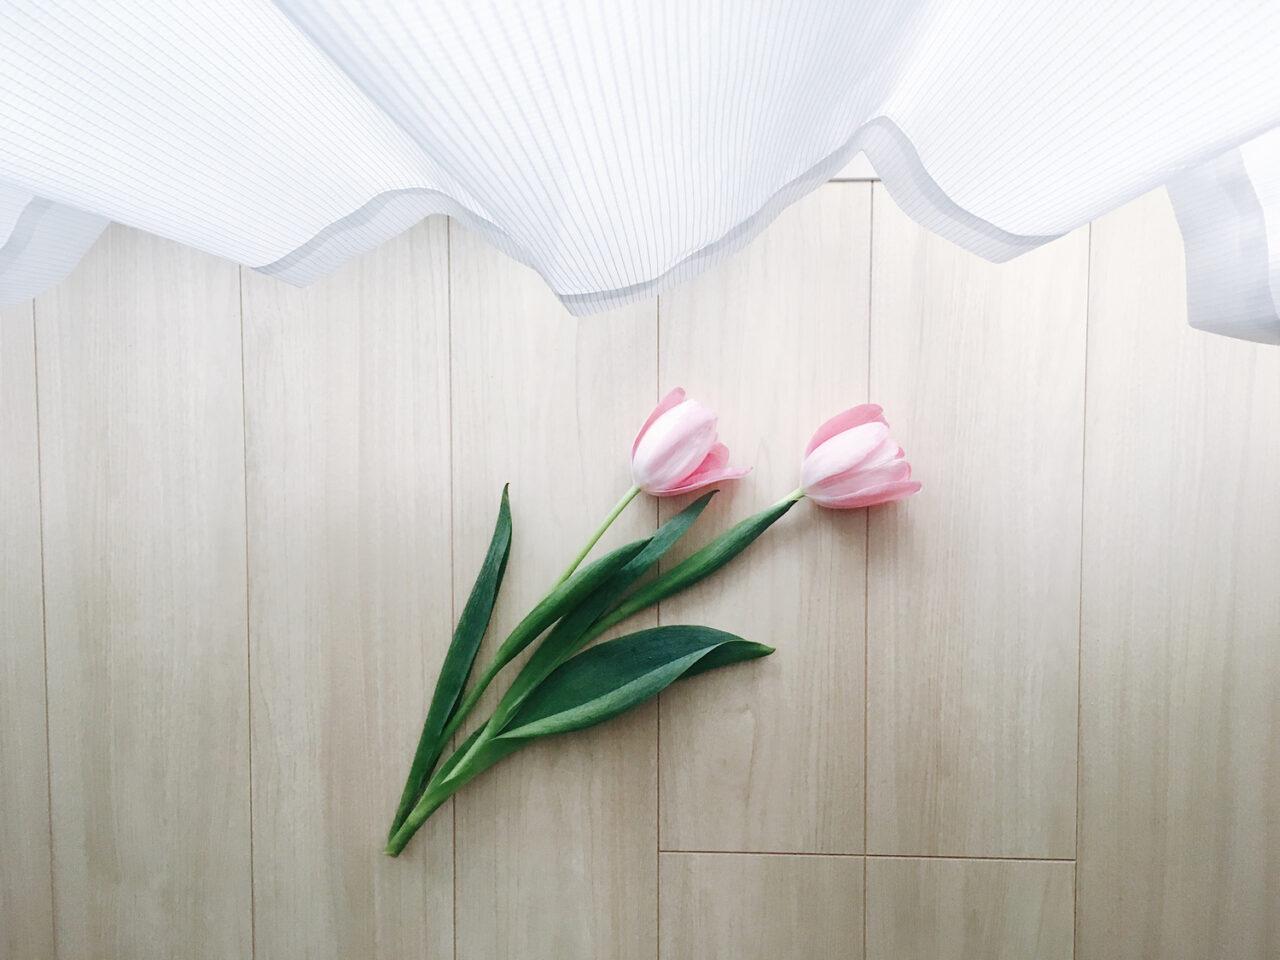 部屋の床にチューリップが置いてある、上にはカーテン